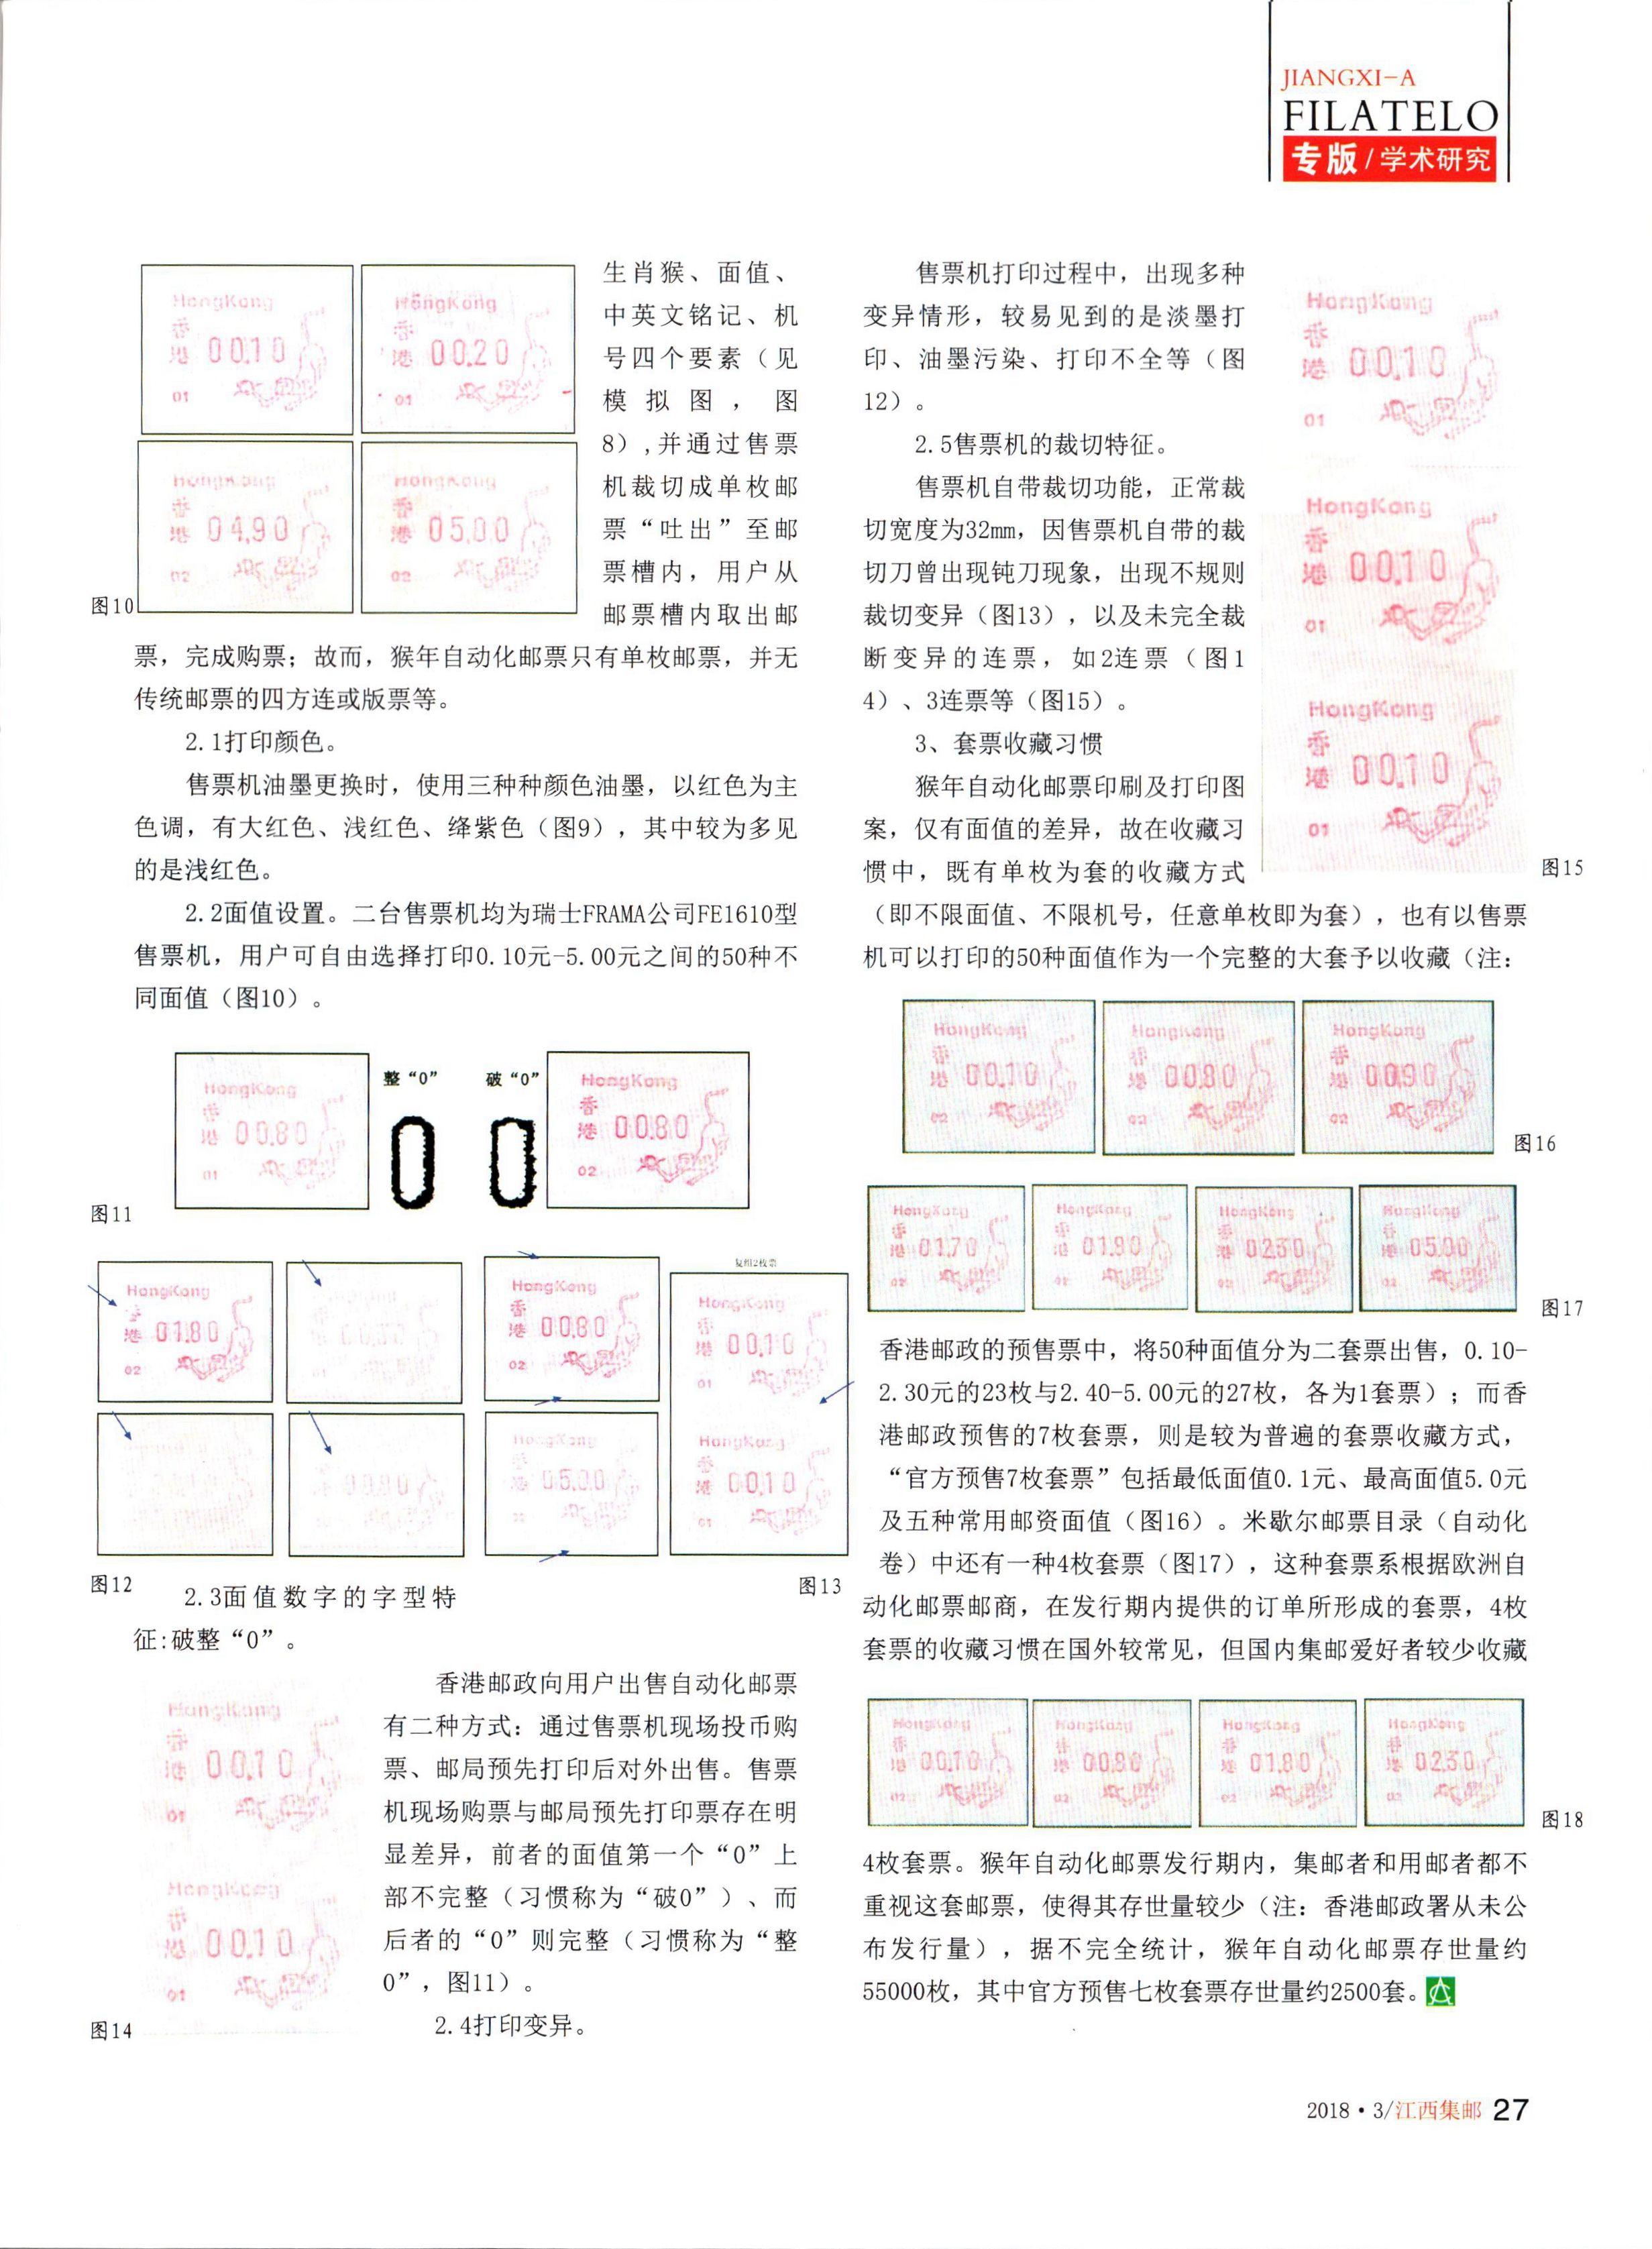 香港1992年猴年生肖自动化邮票2(江西集邮2018